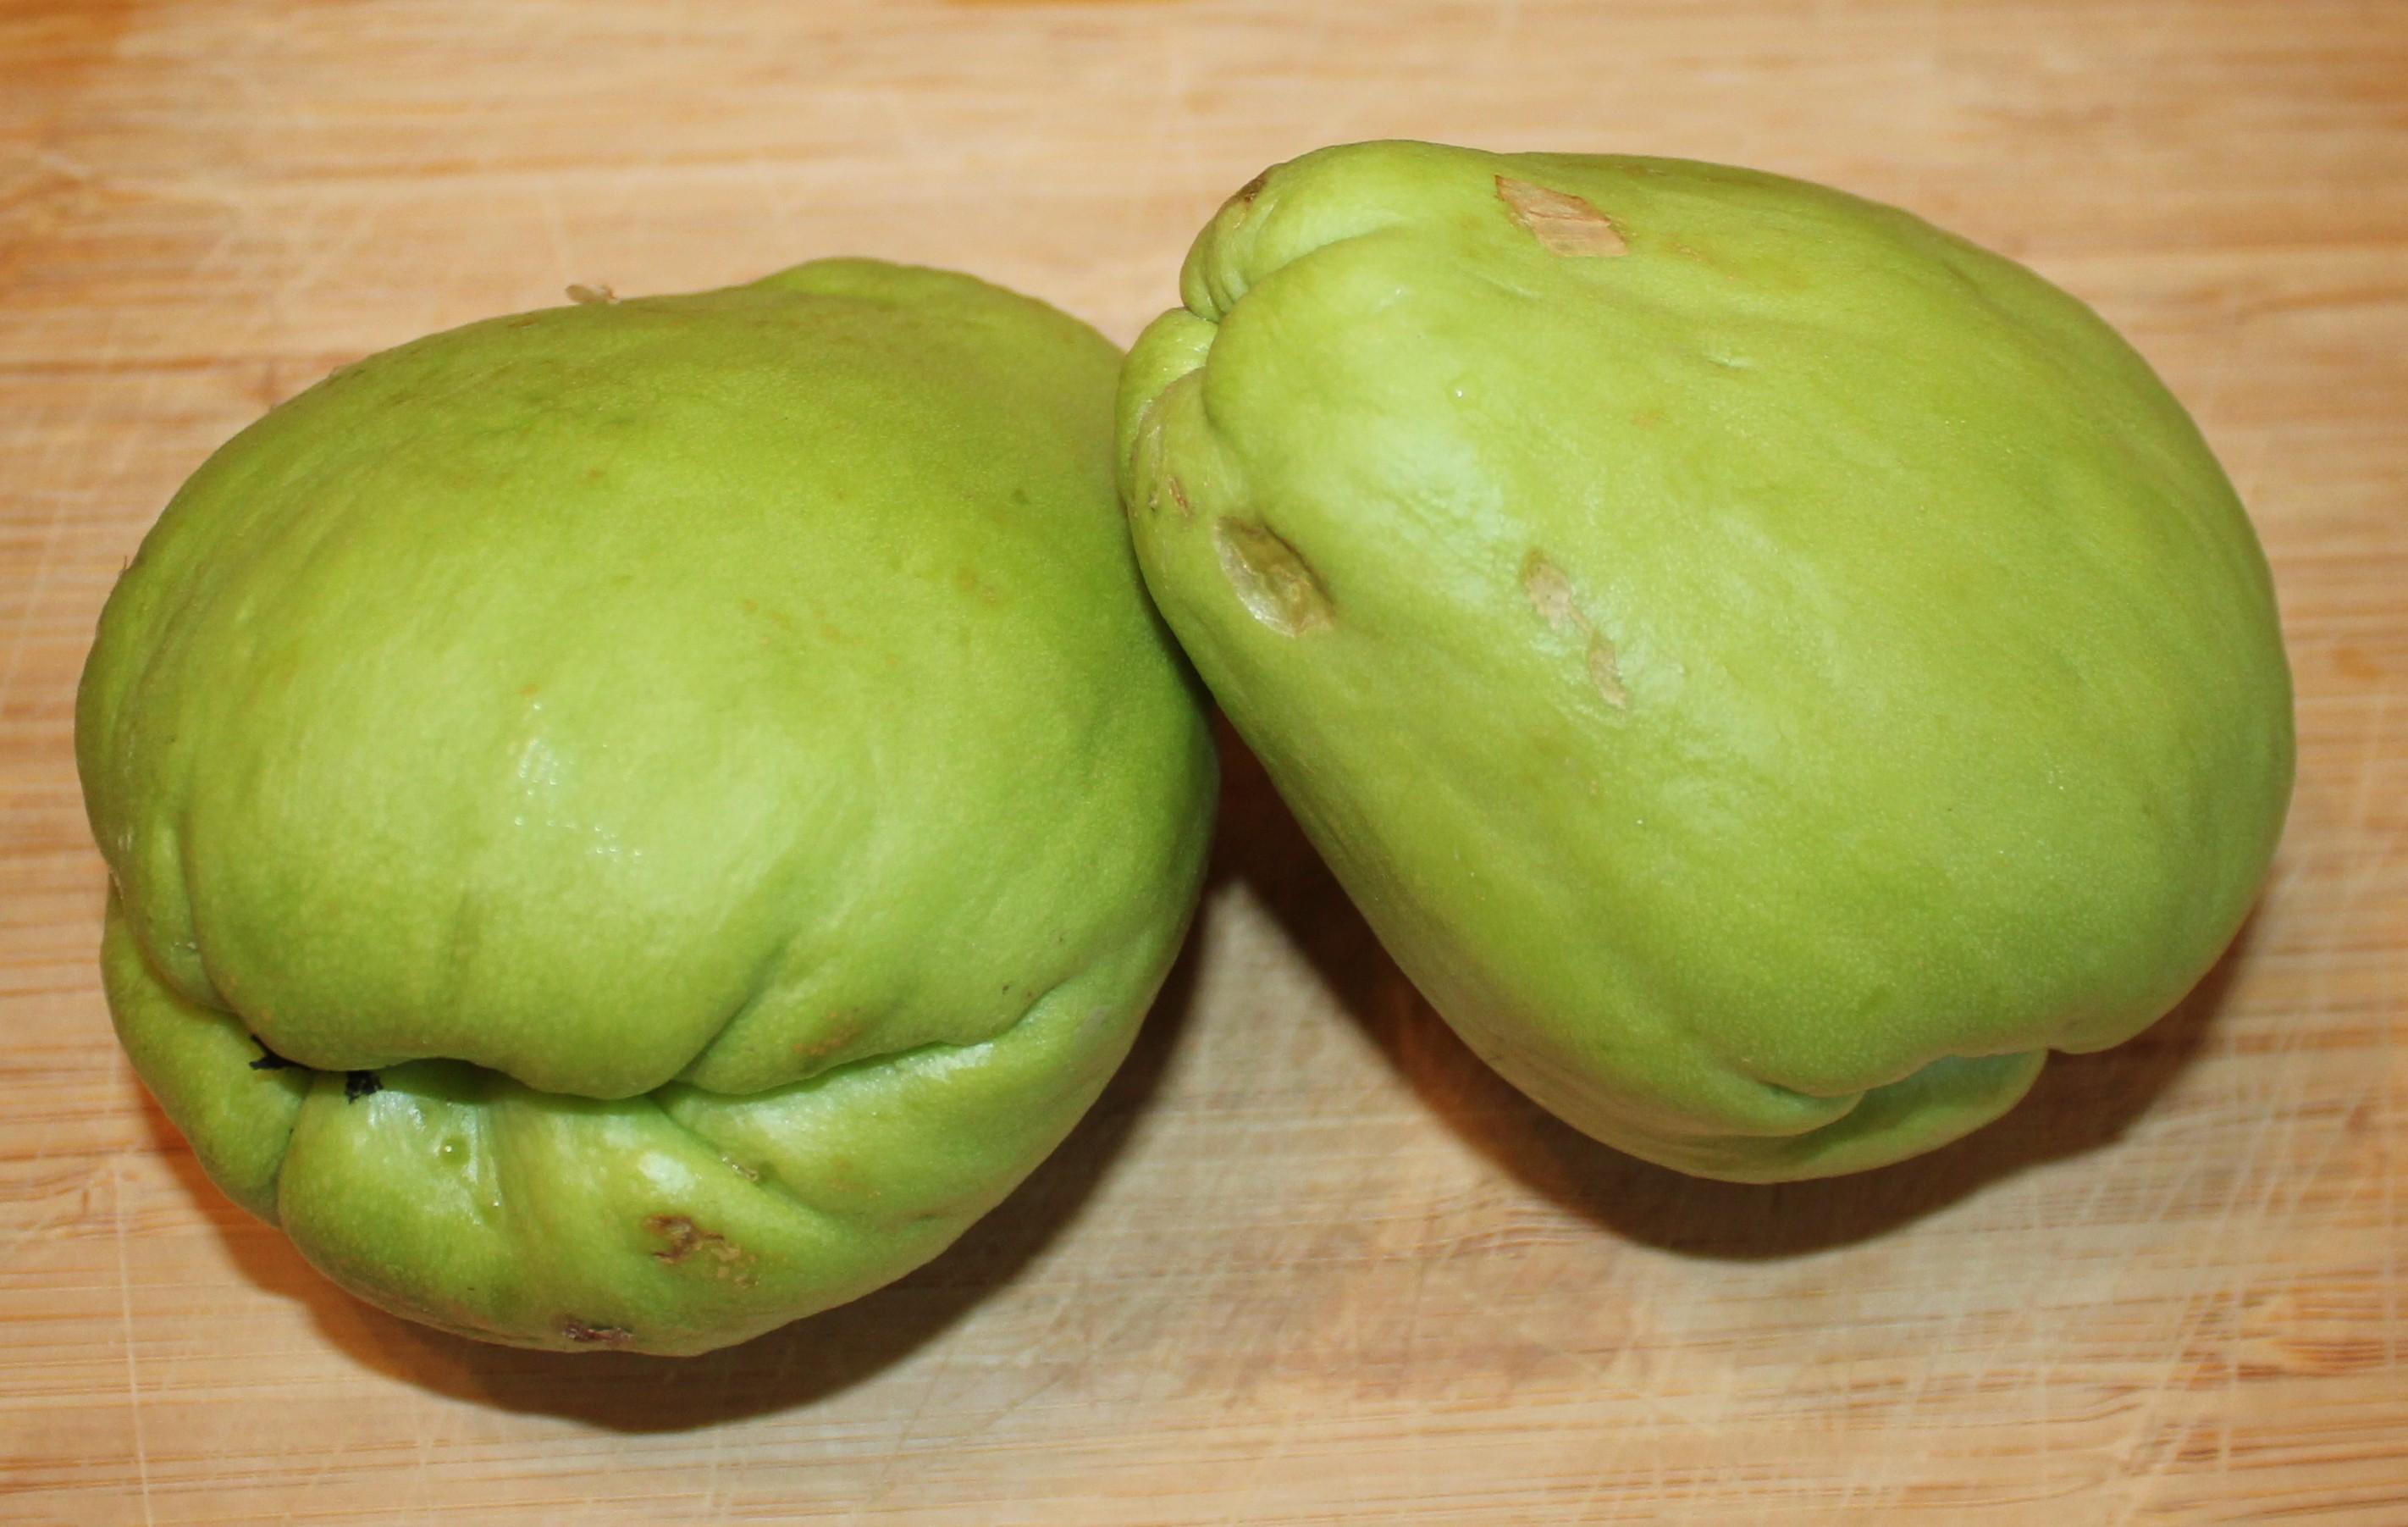 Weird Green Fruits 10